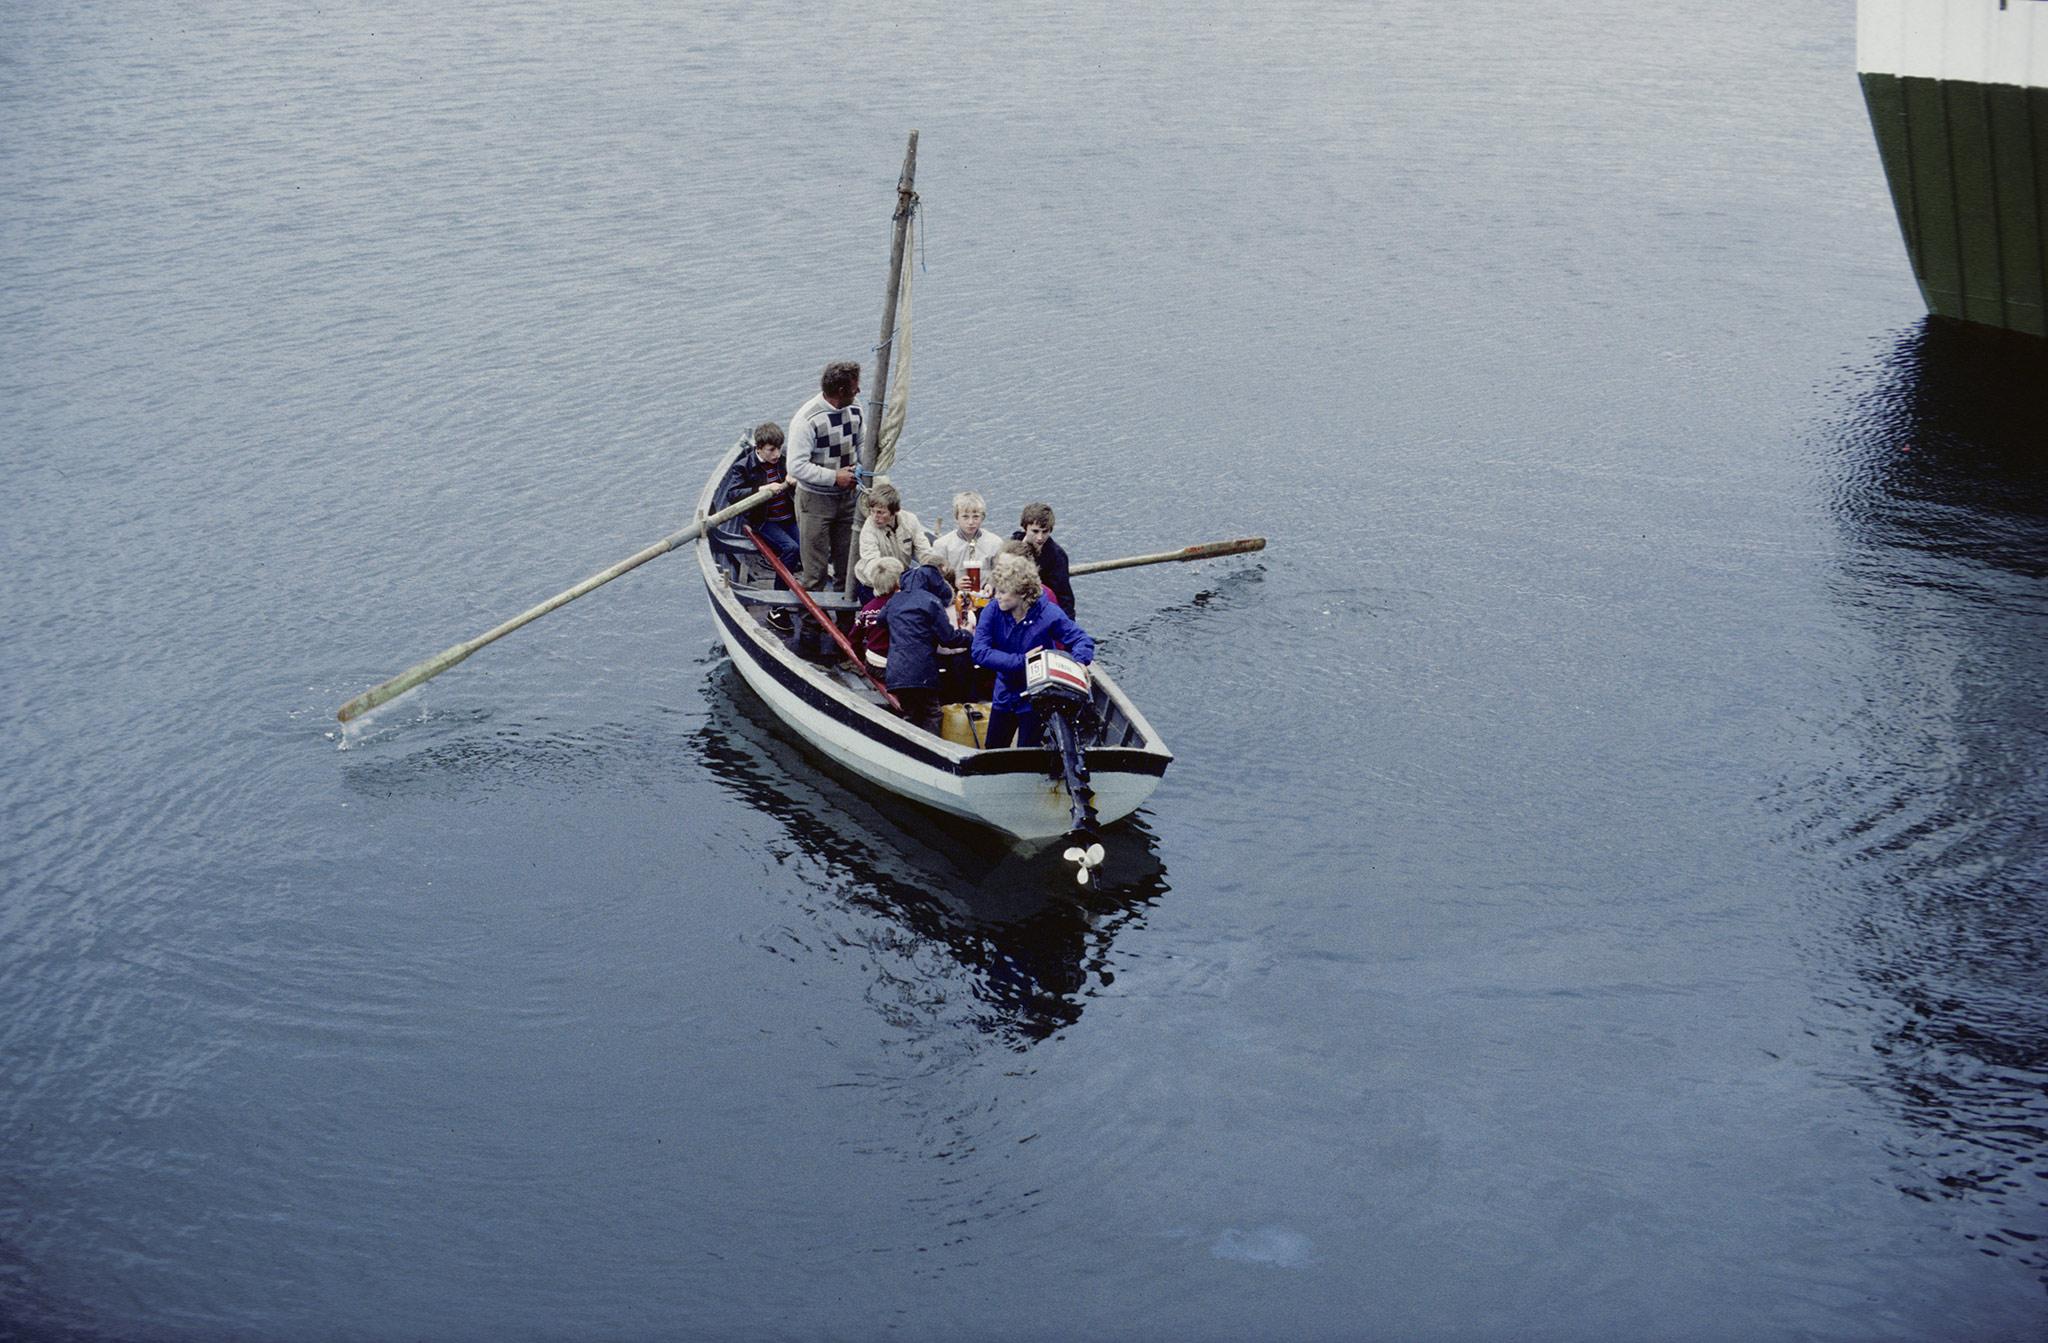 Au fond d'un bras de mer sur la côte sud du Donegal, Killybegs est une petite ville d'environ 1 500 habitants et le plus gros port de pêche